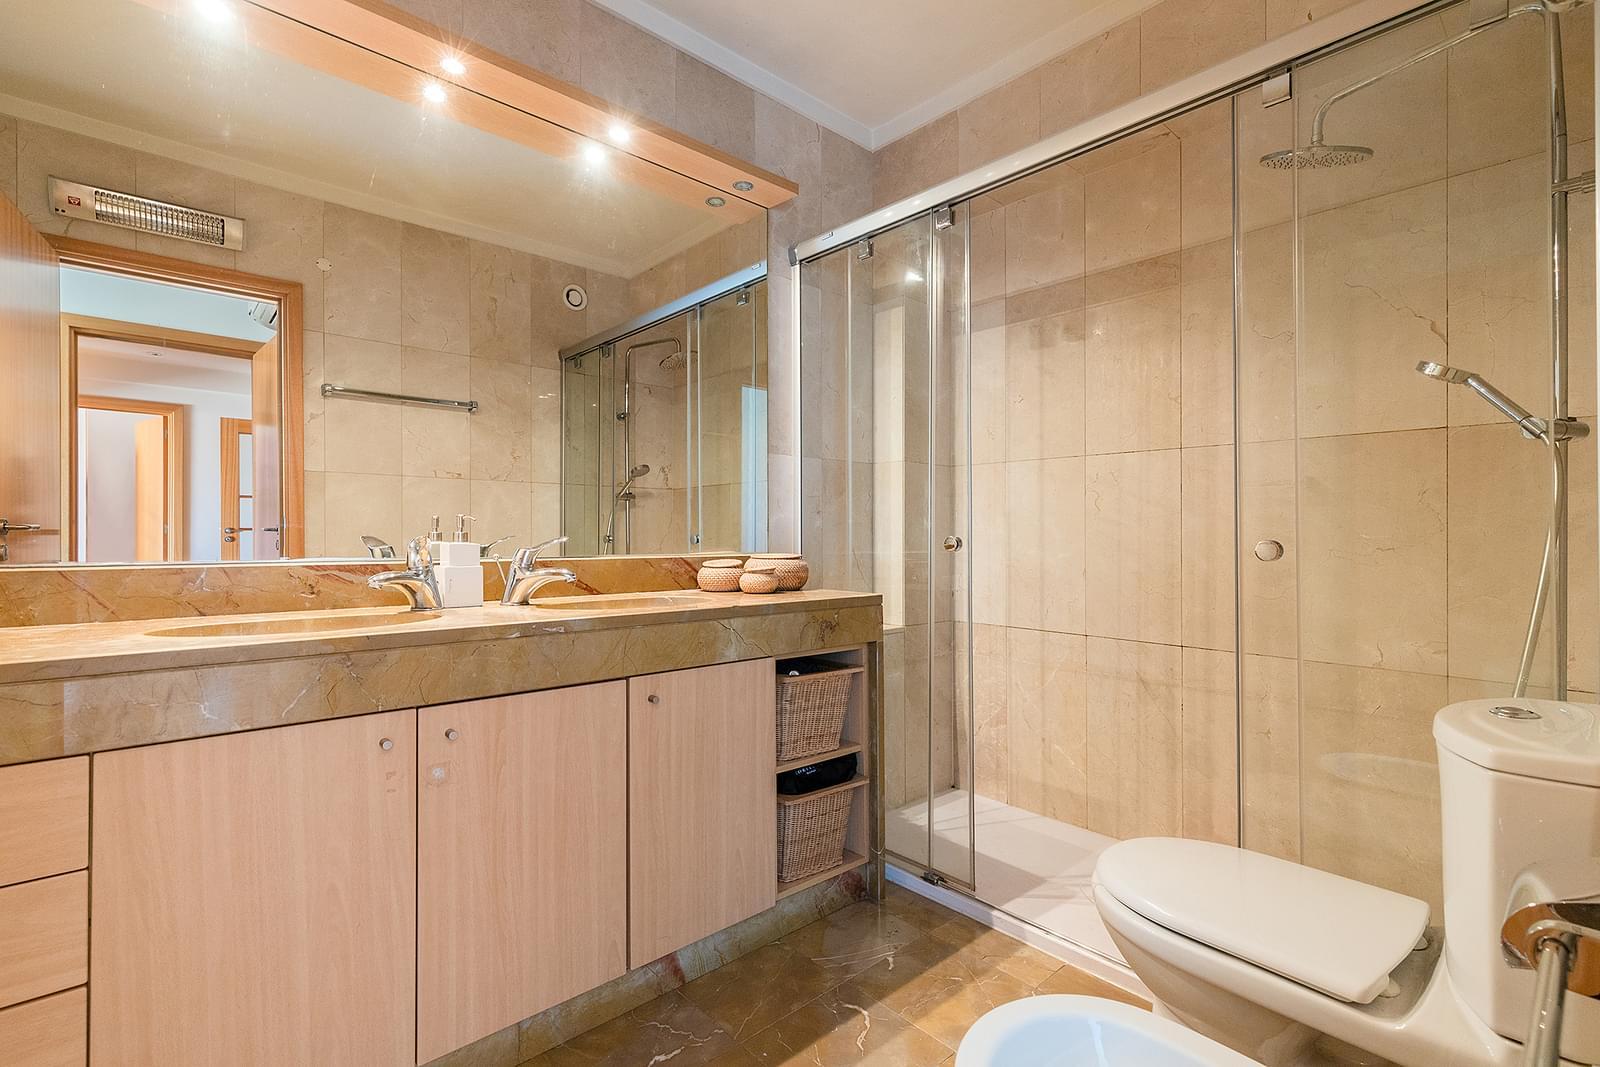 pf18953-apartamento-t3-lisboa-b340f952-82c1-449a-8558-fb2a68b71ad2